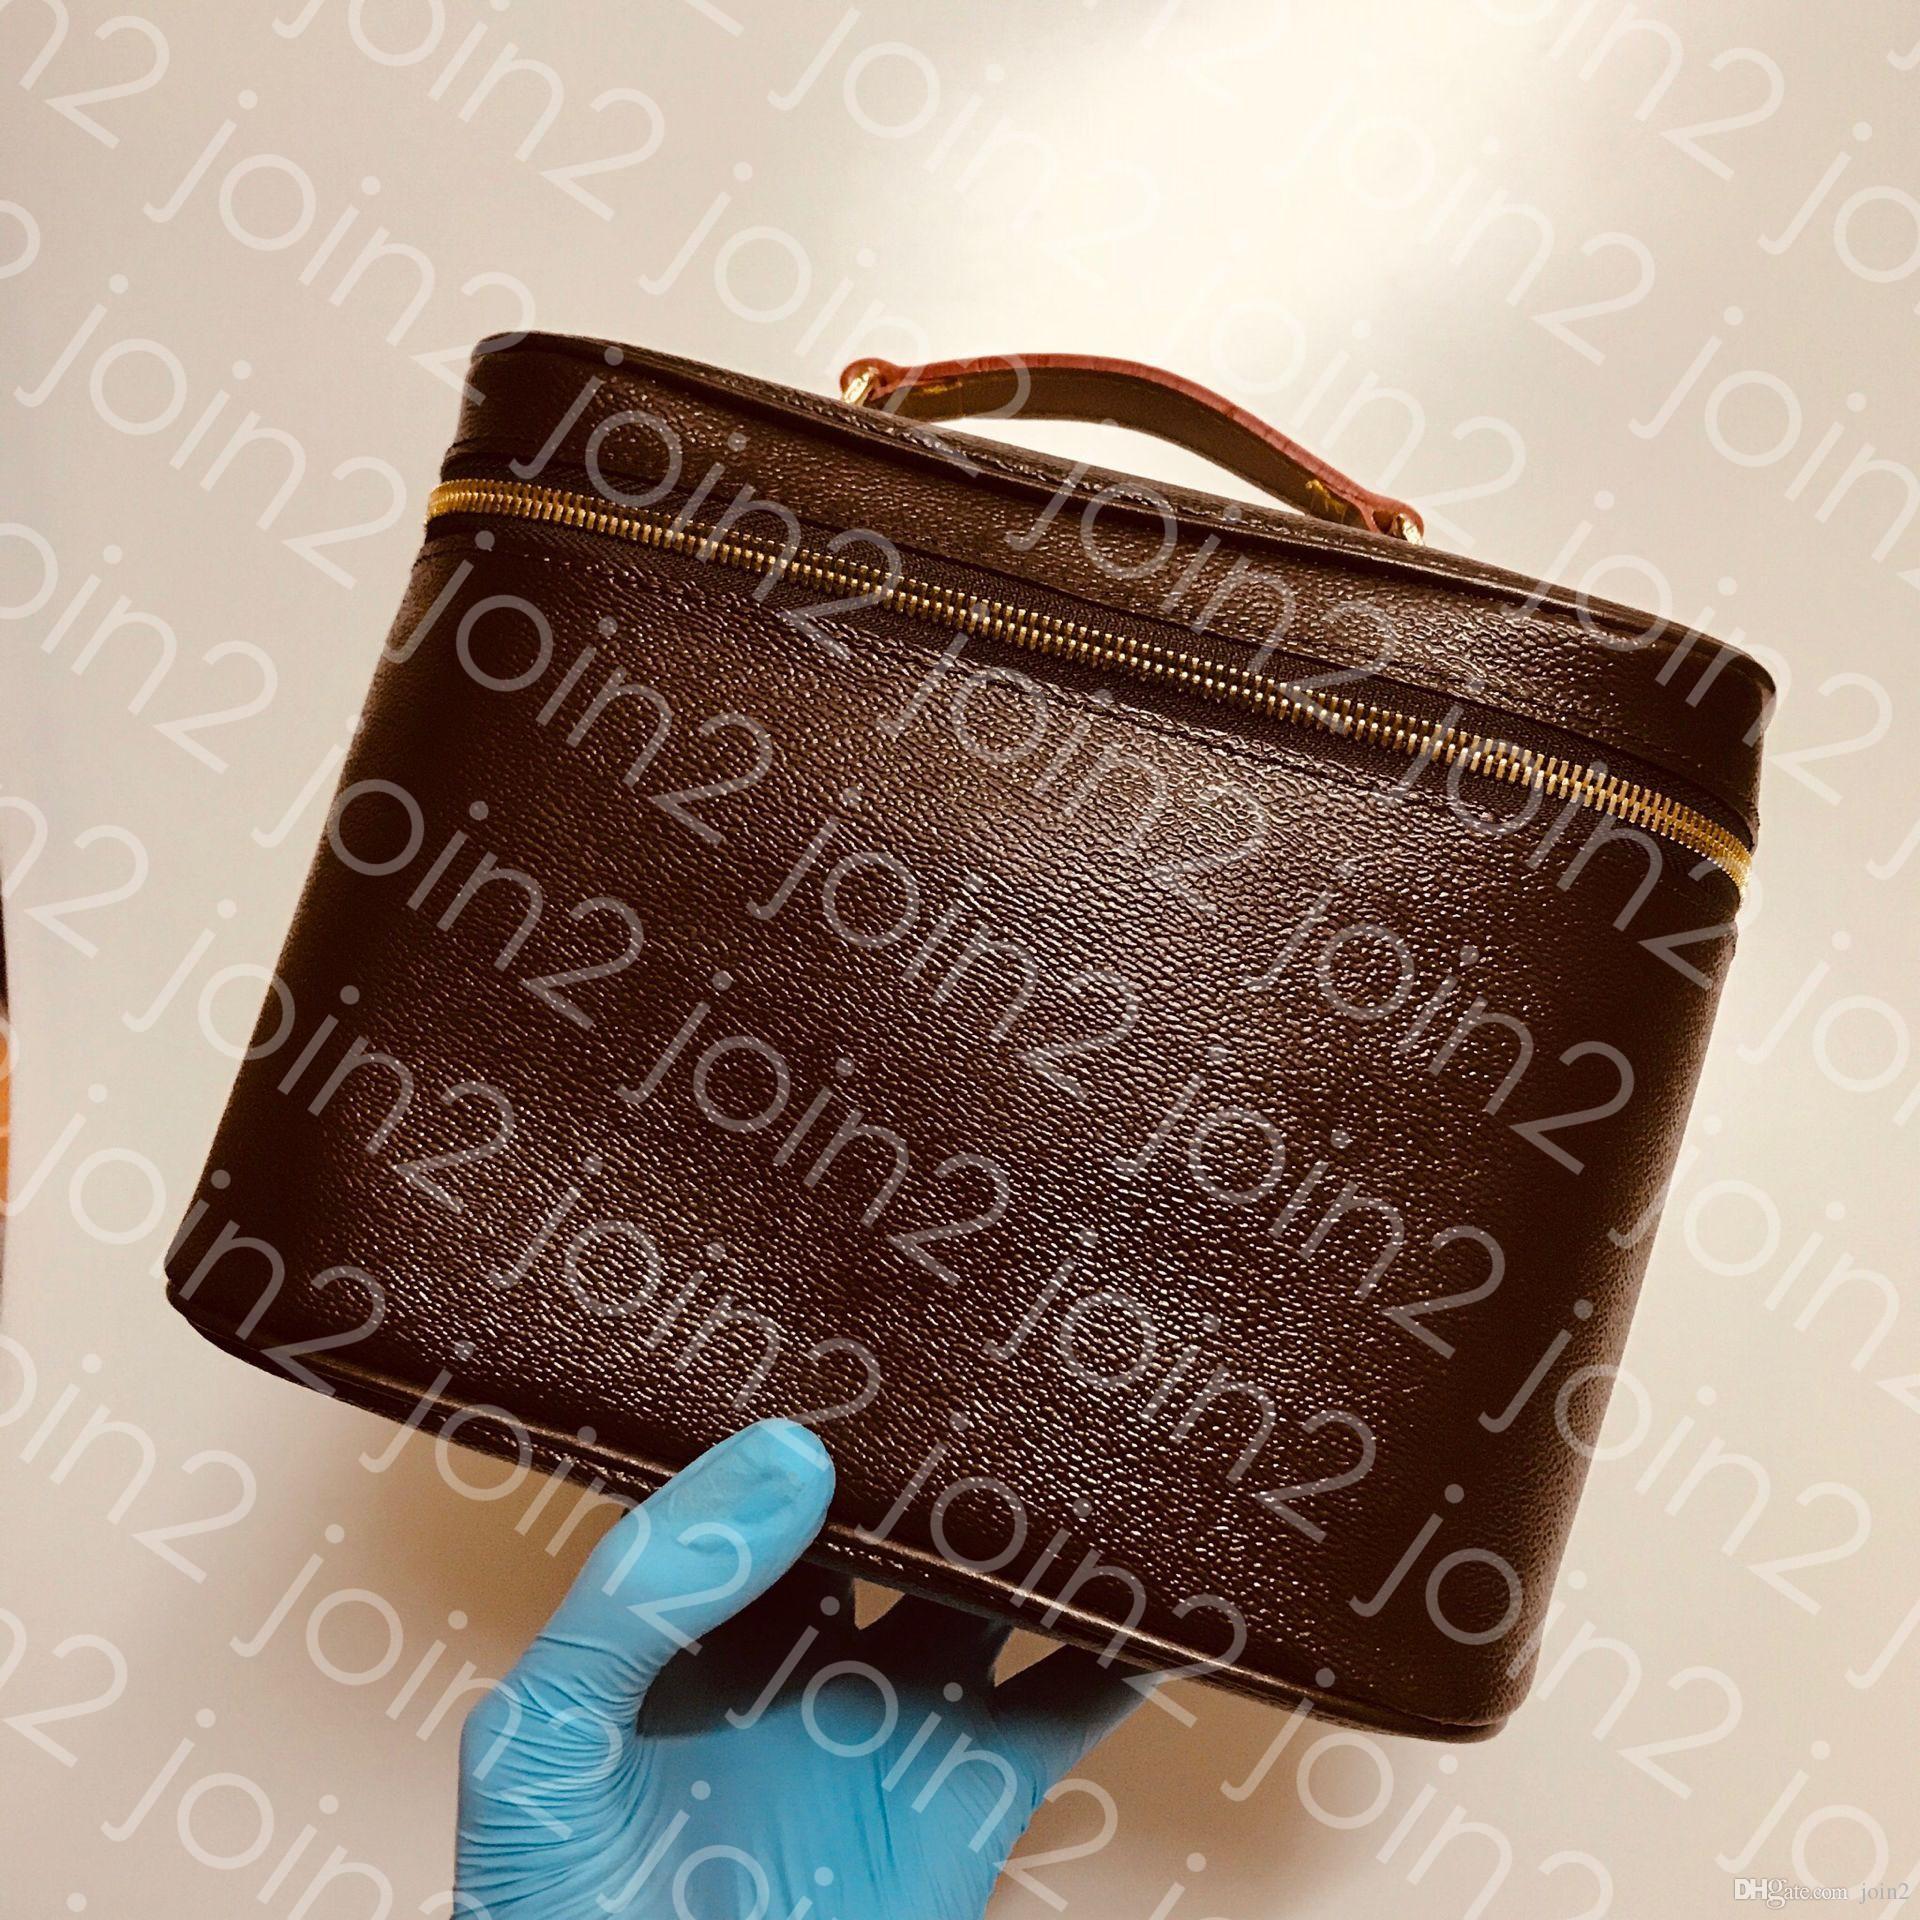 TROUSSE DE TOILETTE NICE BB Estuche de belleza para mujer de calidad superior para mujer Bolsa de artículos de tocador de maquillaje Marrón Impermeable Lona lavable Forro M42265